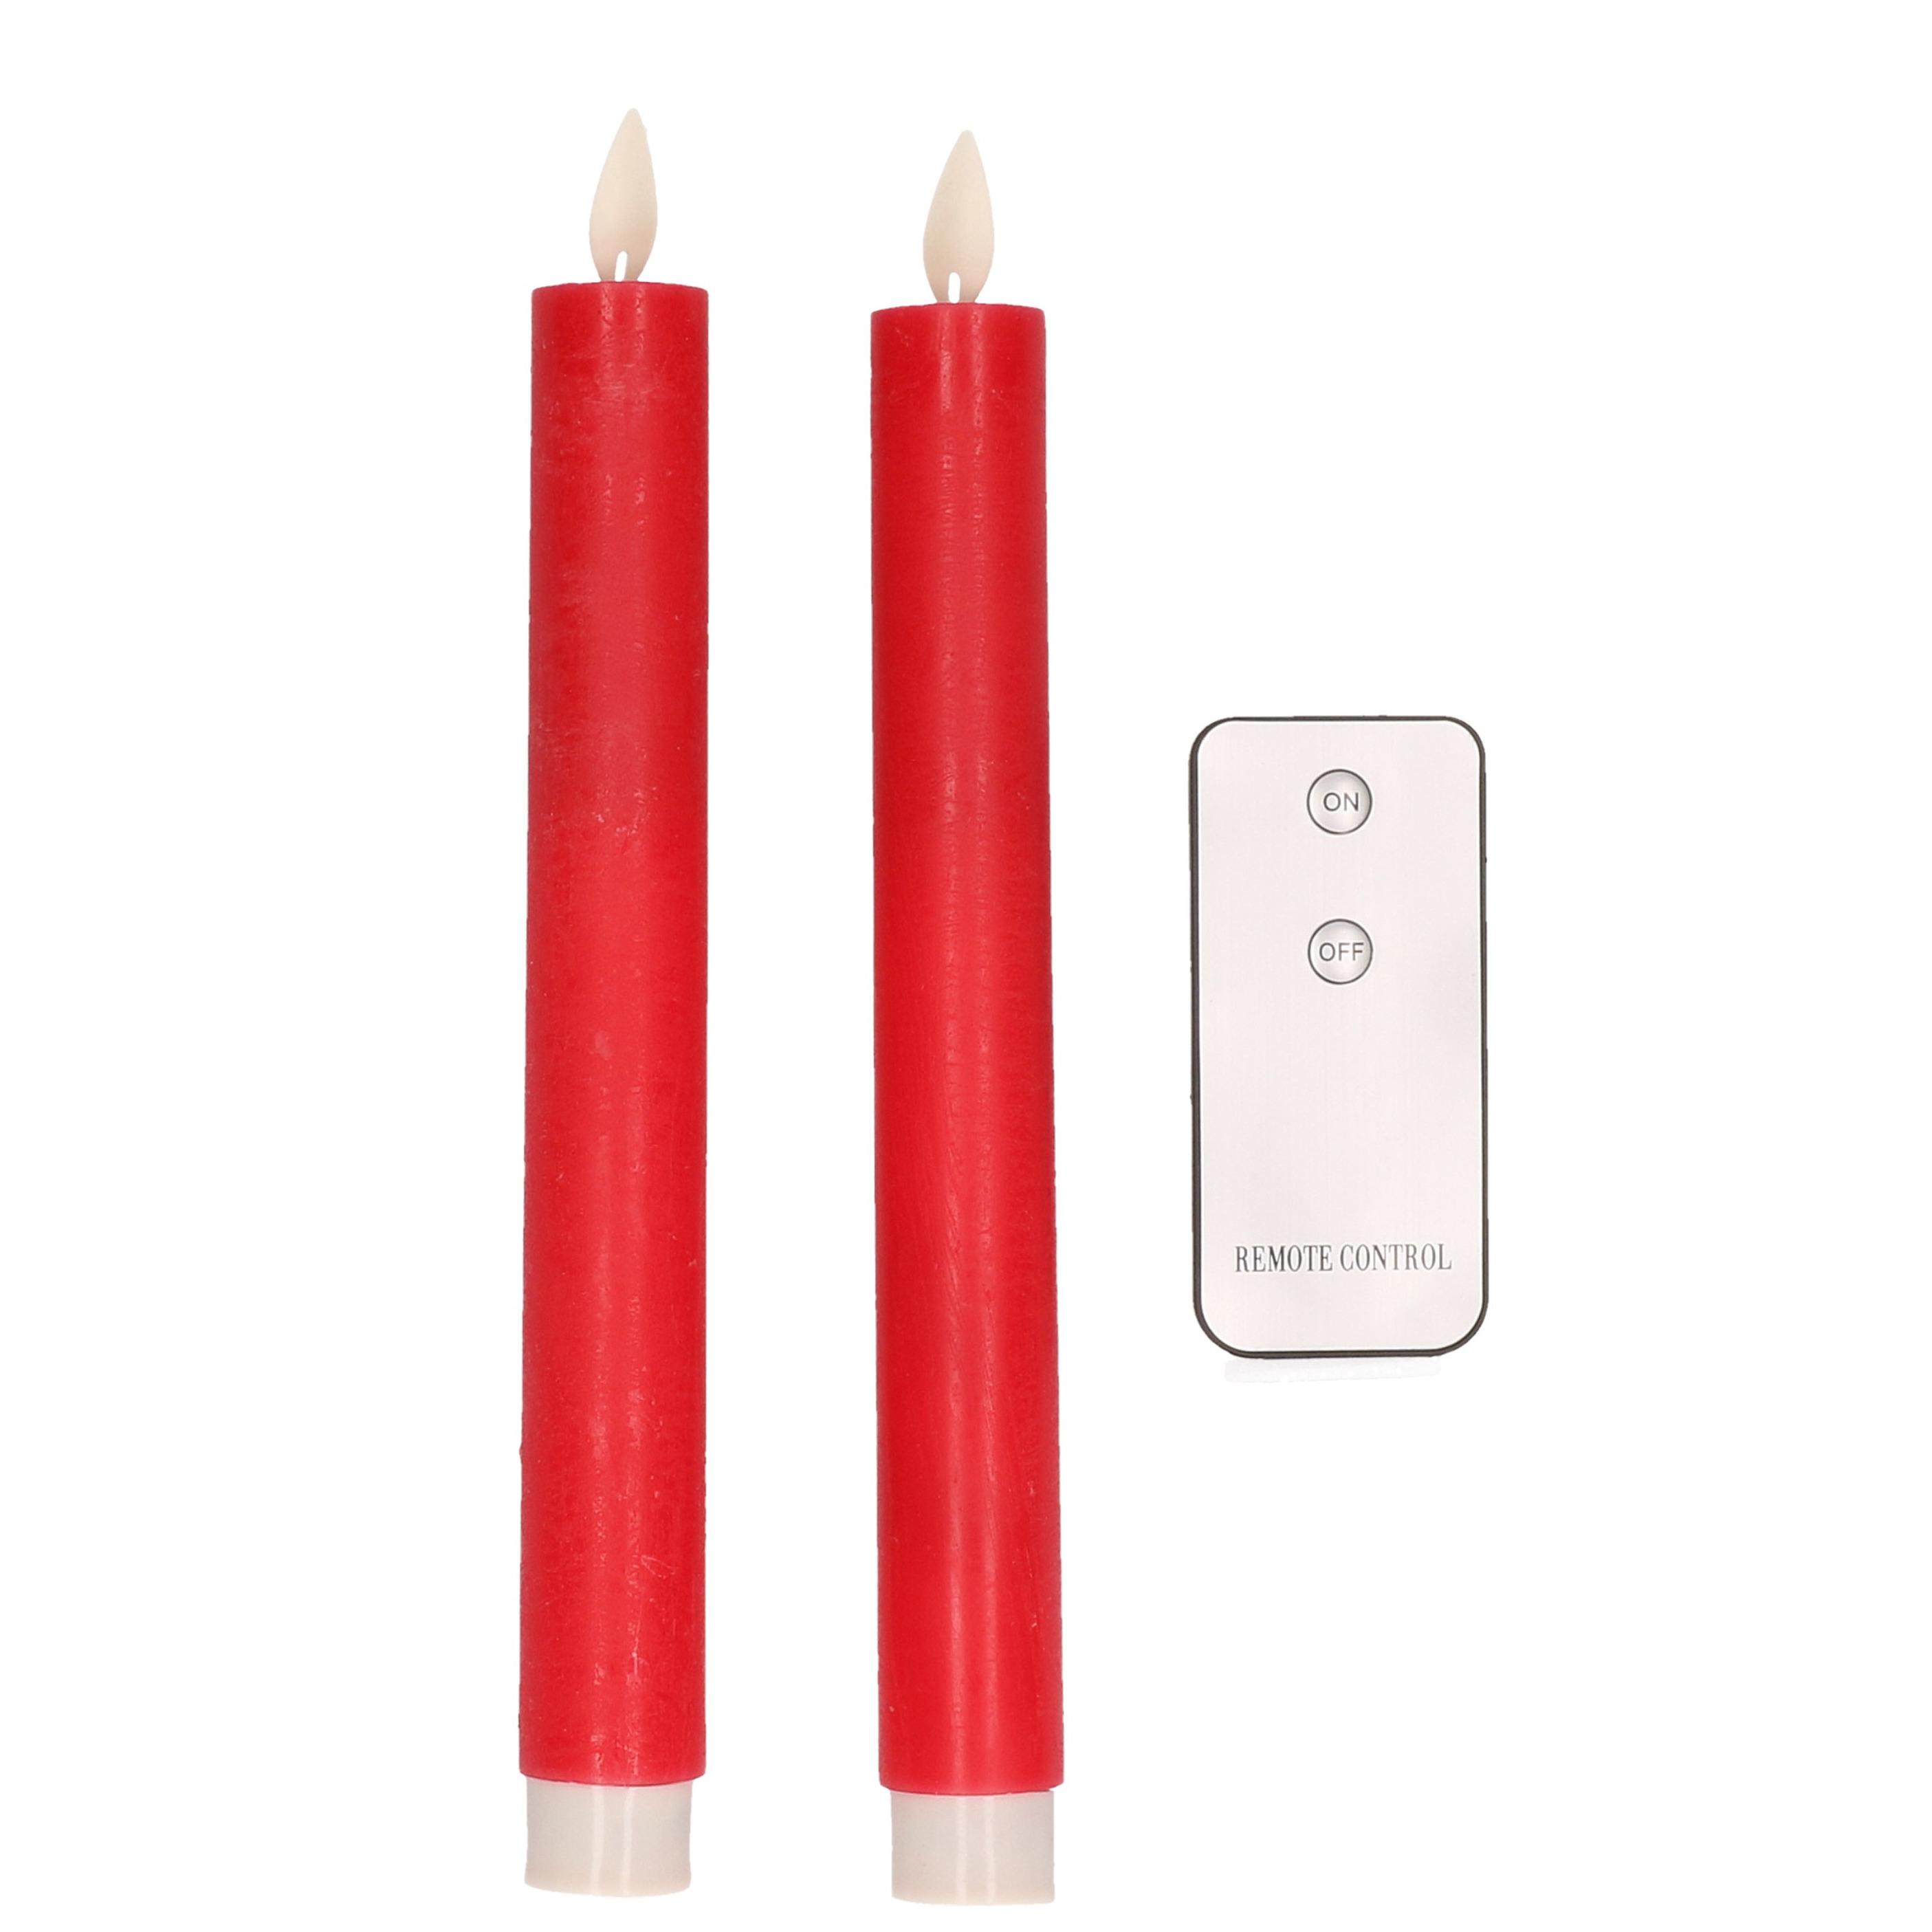 2x Rode LED kaarsen-dinerkaarsen op afstandsbediening 23 cm